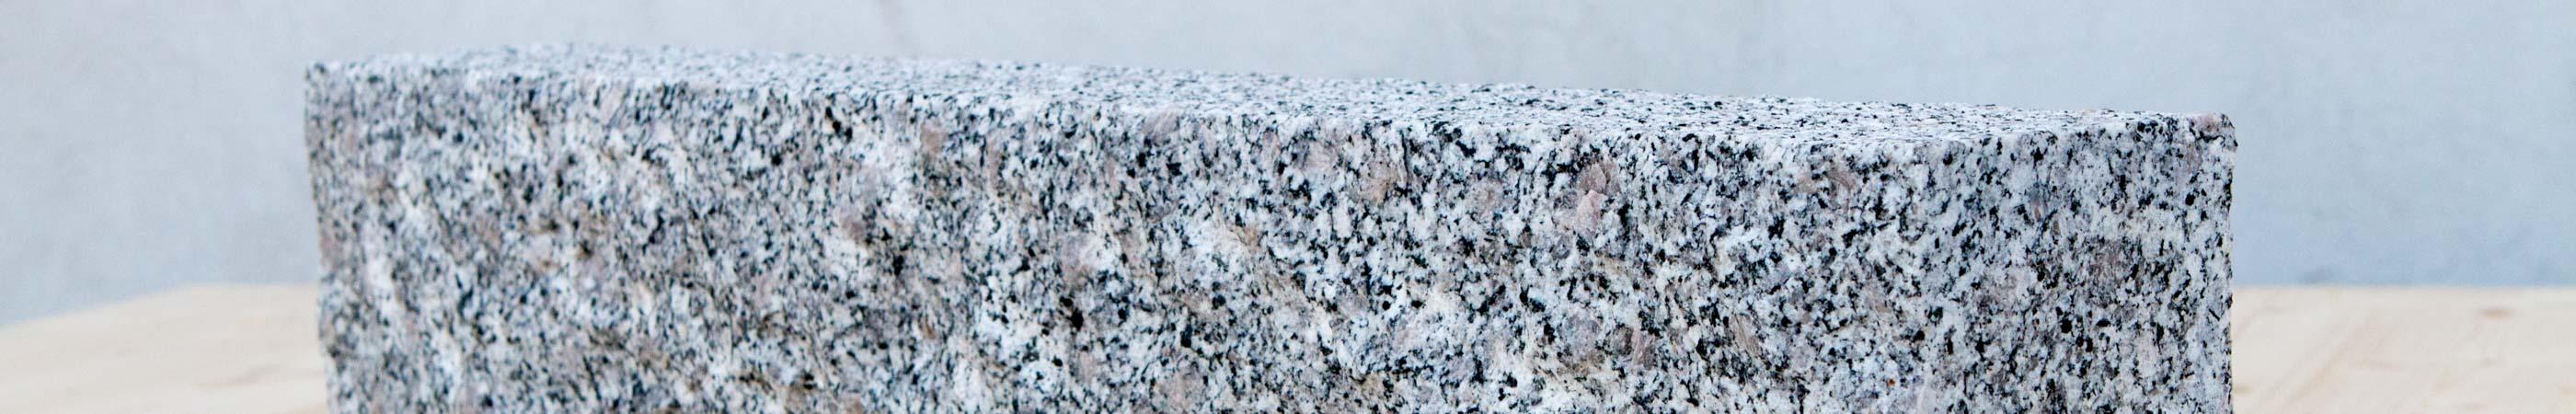 sch rdinger granit. Black Bedroom Furniture Sets. Home Design Ideas